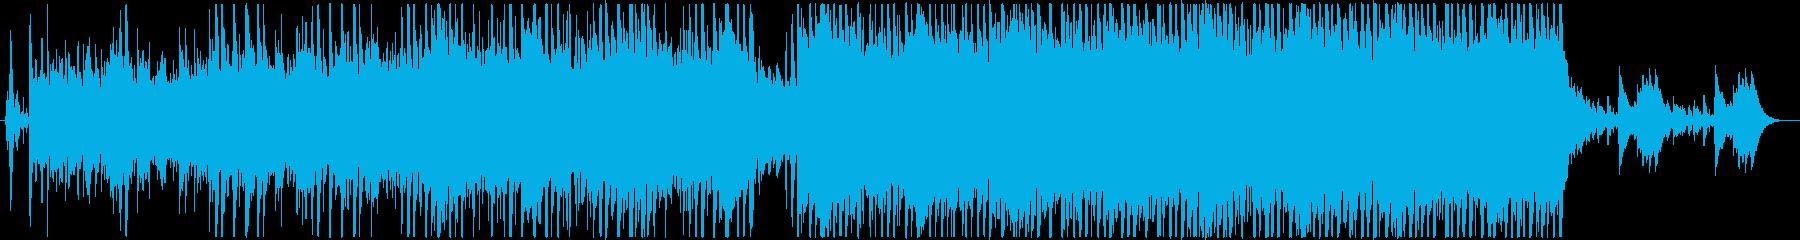 オリエント感のあるショートBGM、PV系の再生済みの波形